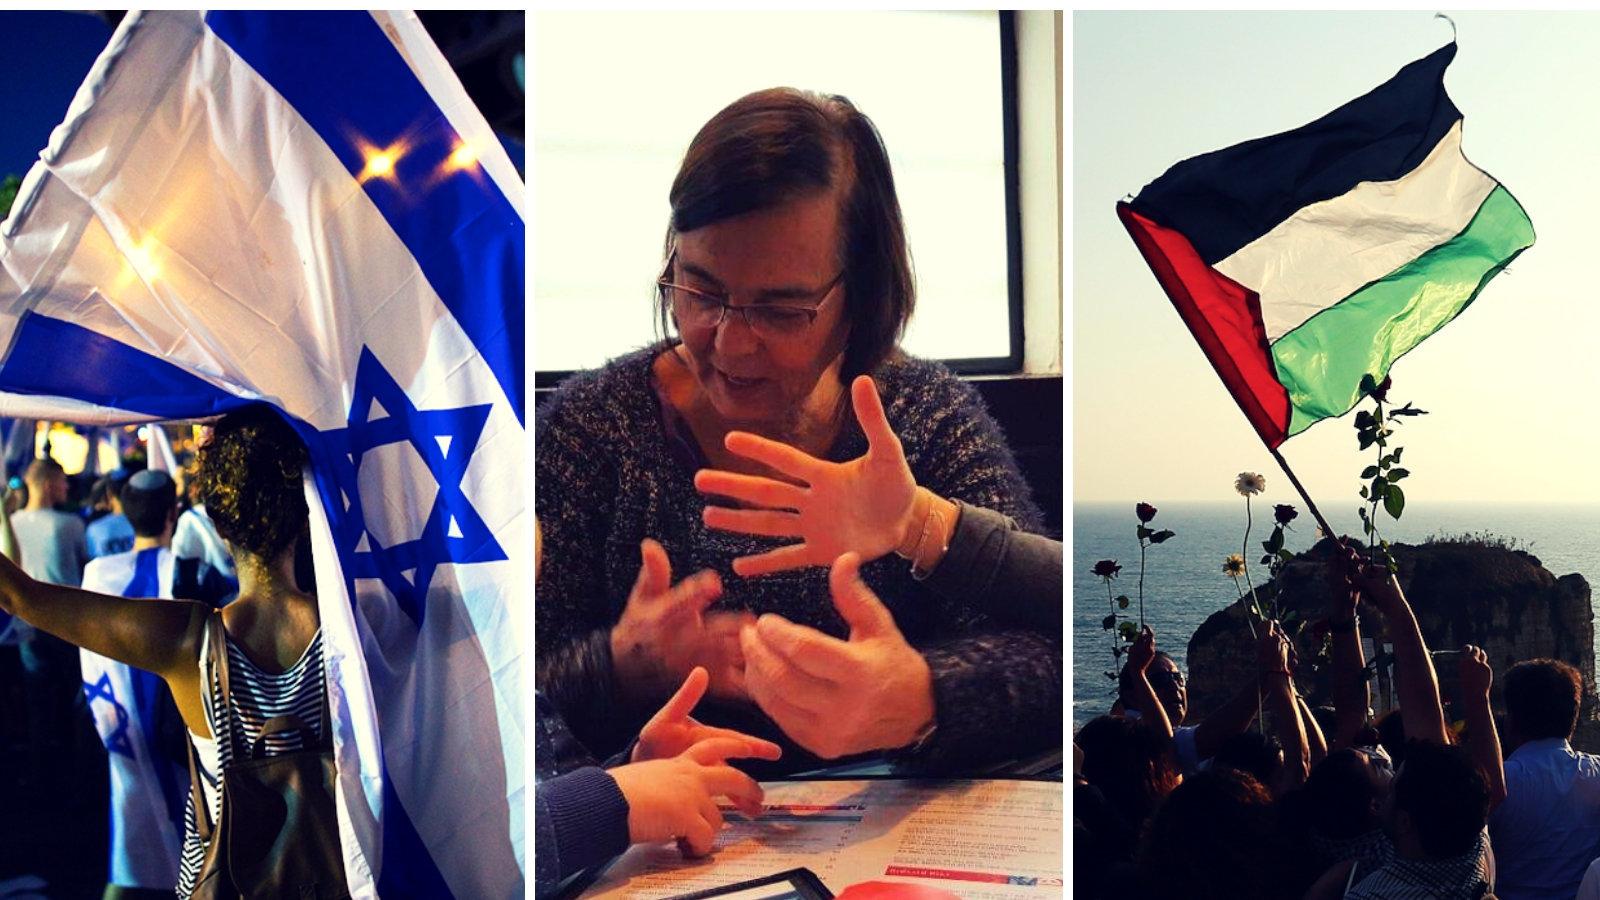 Früher Soldatin, heute Friedensstifterin in Israel: Gegen Hass hilft nur streiten